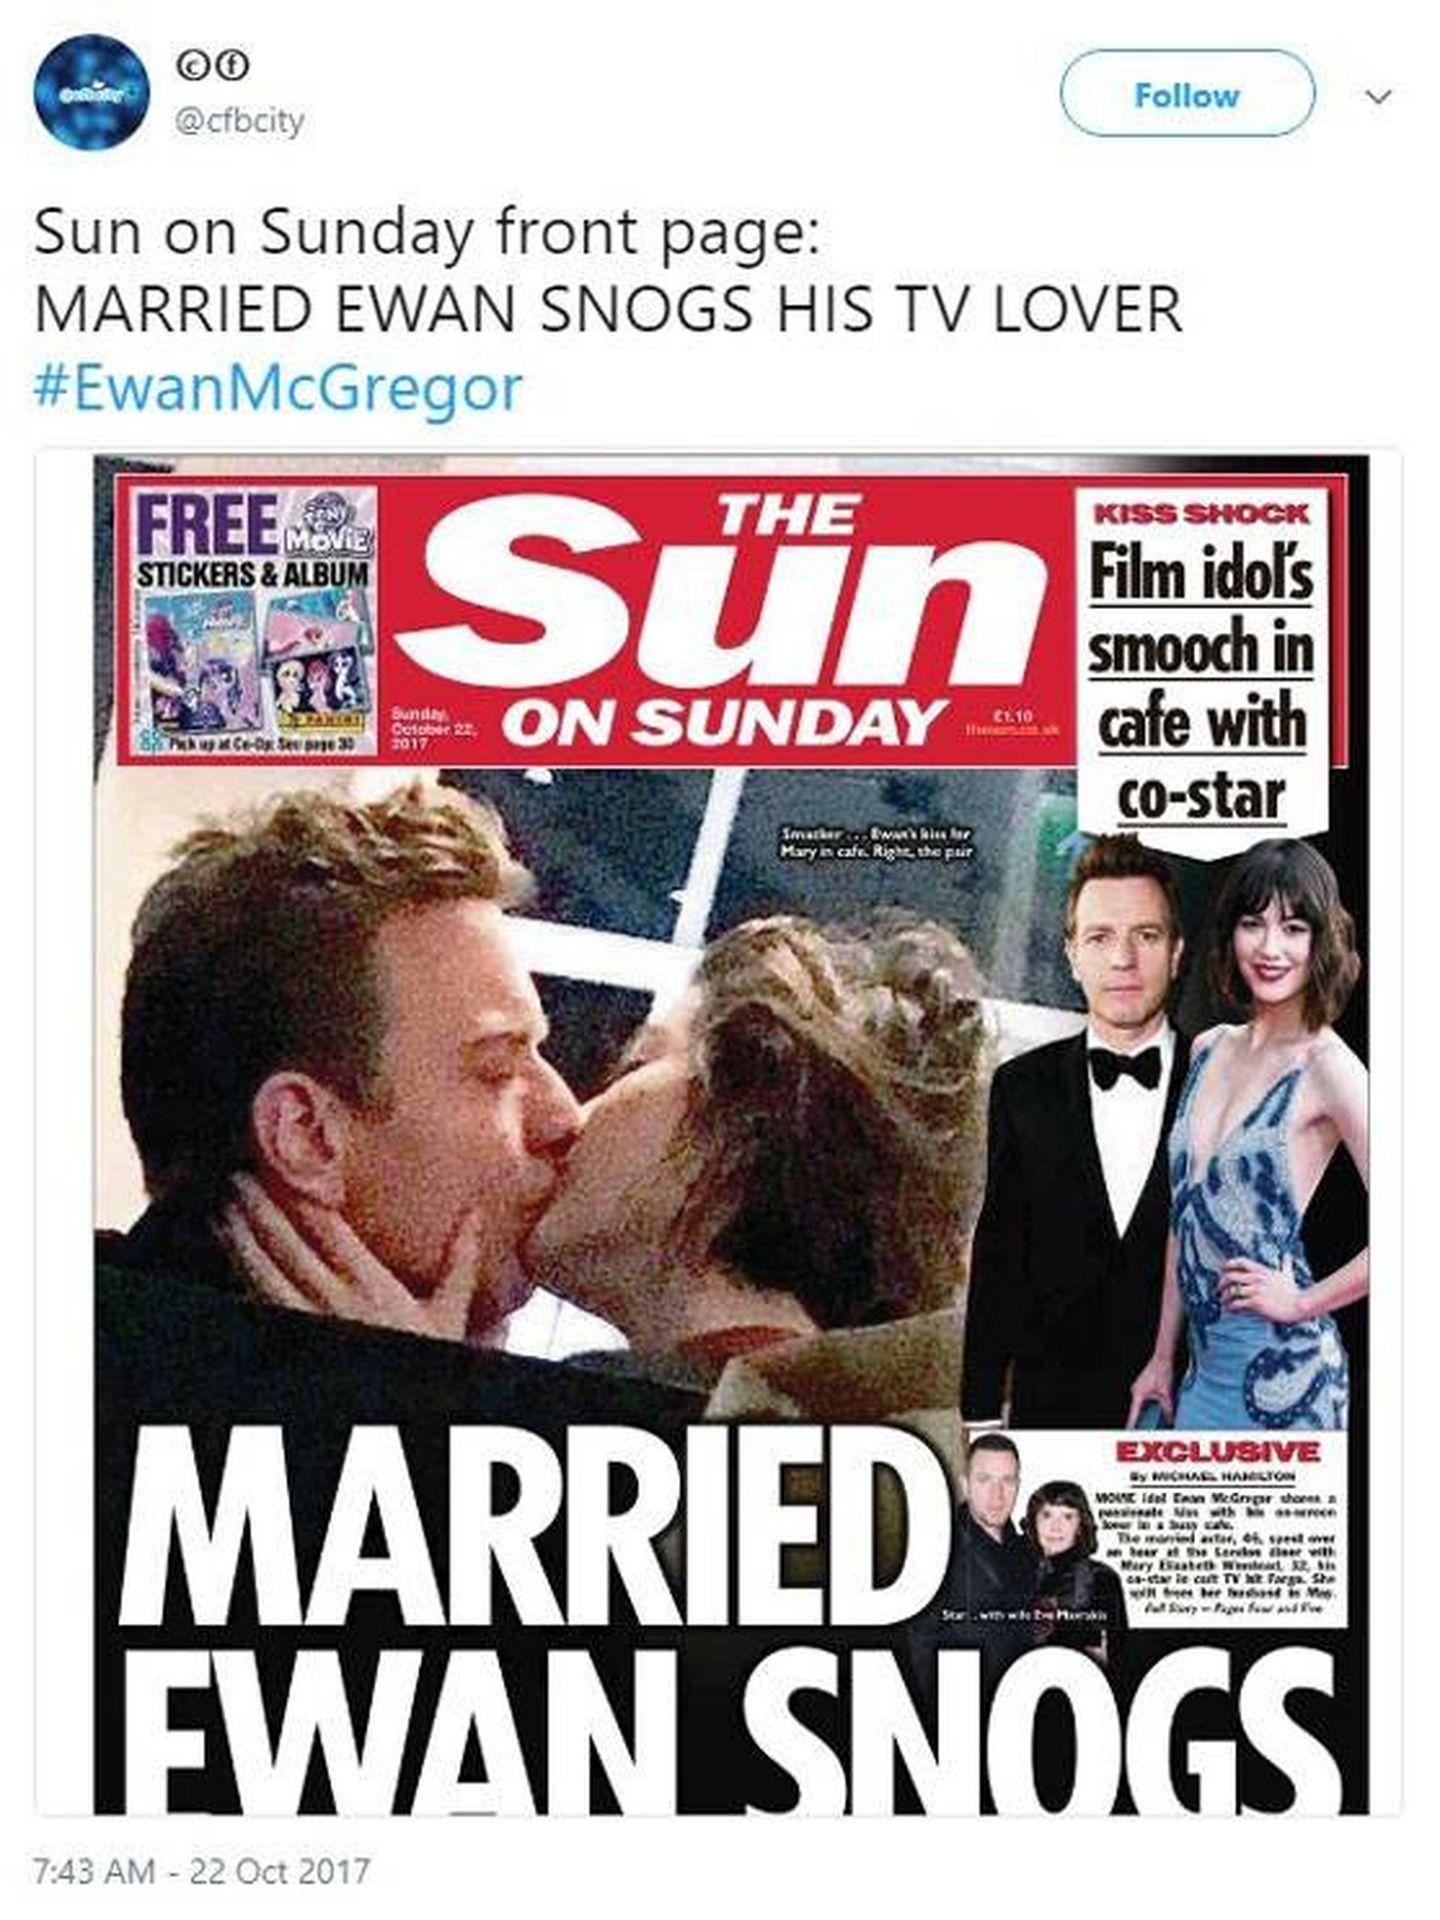 Imagen de la portada del diario 'The Sun' con Ewan McGregor.